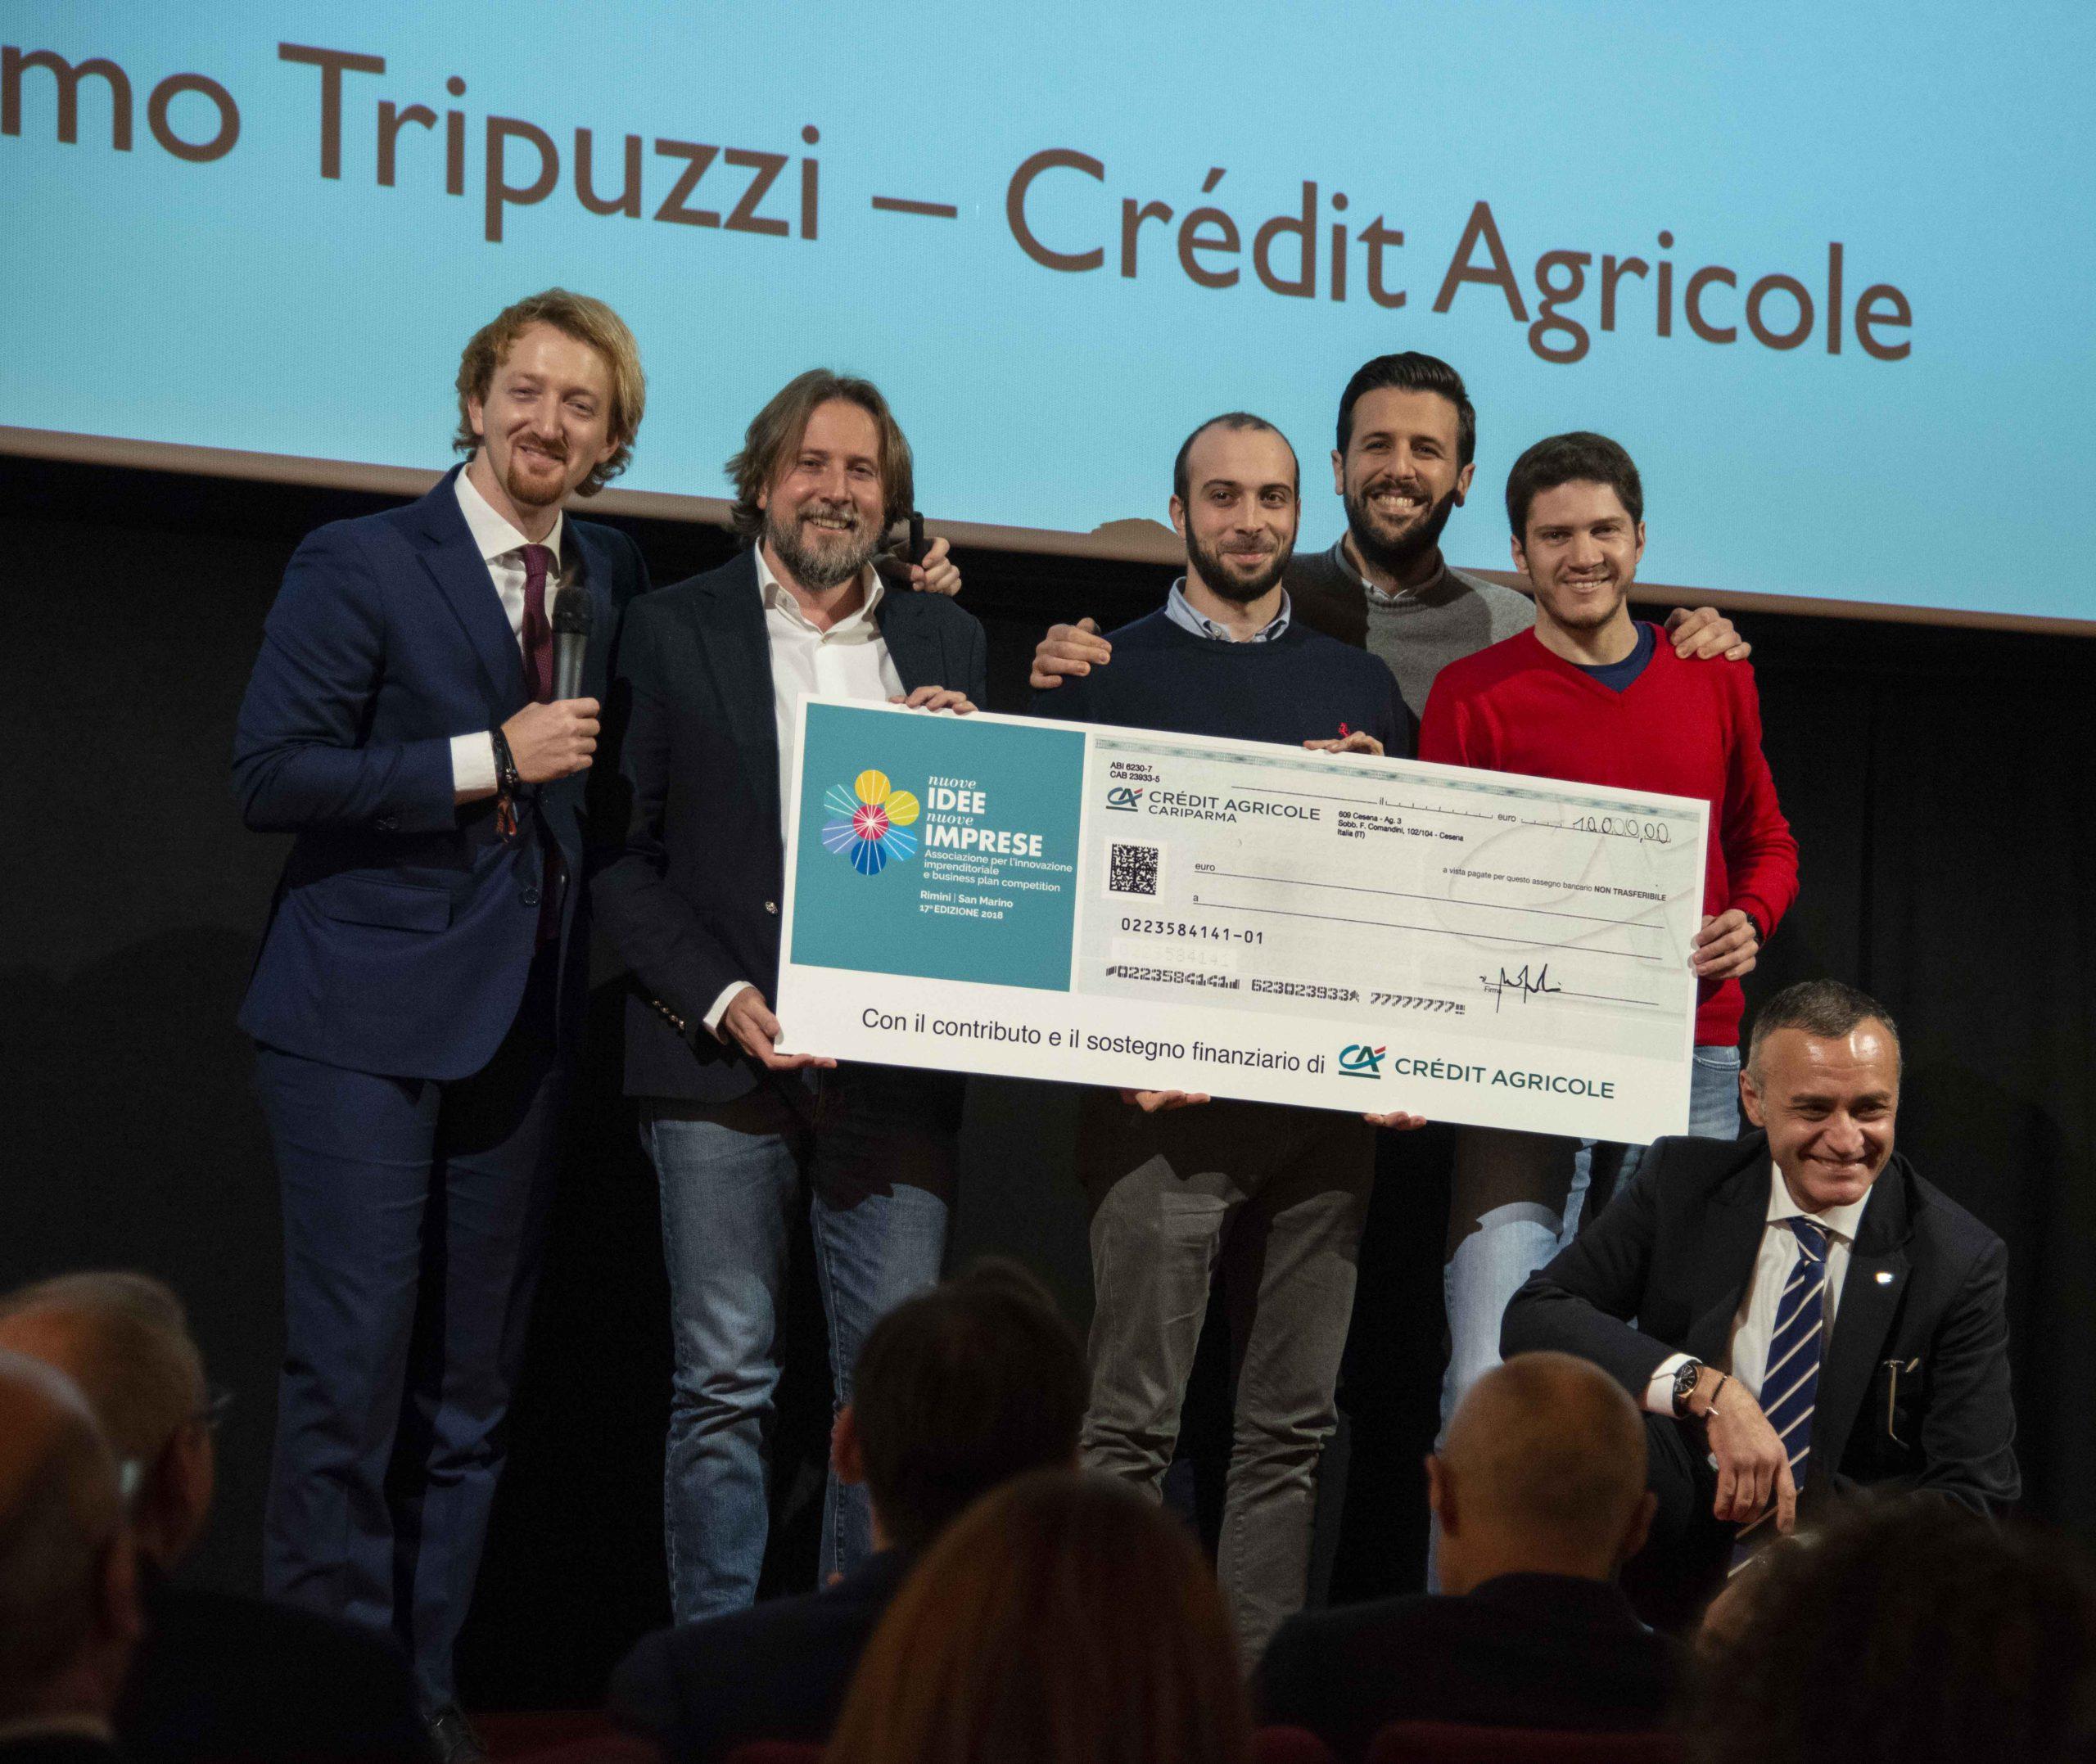 Oltre 200 persone all'evento finale di Nuove Idee Nuove Imprese, 19.000 euro di premi e un'intervista di Startup Grind